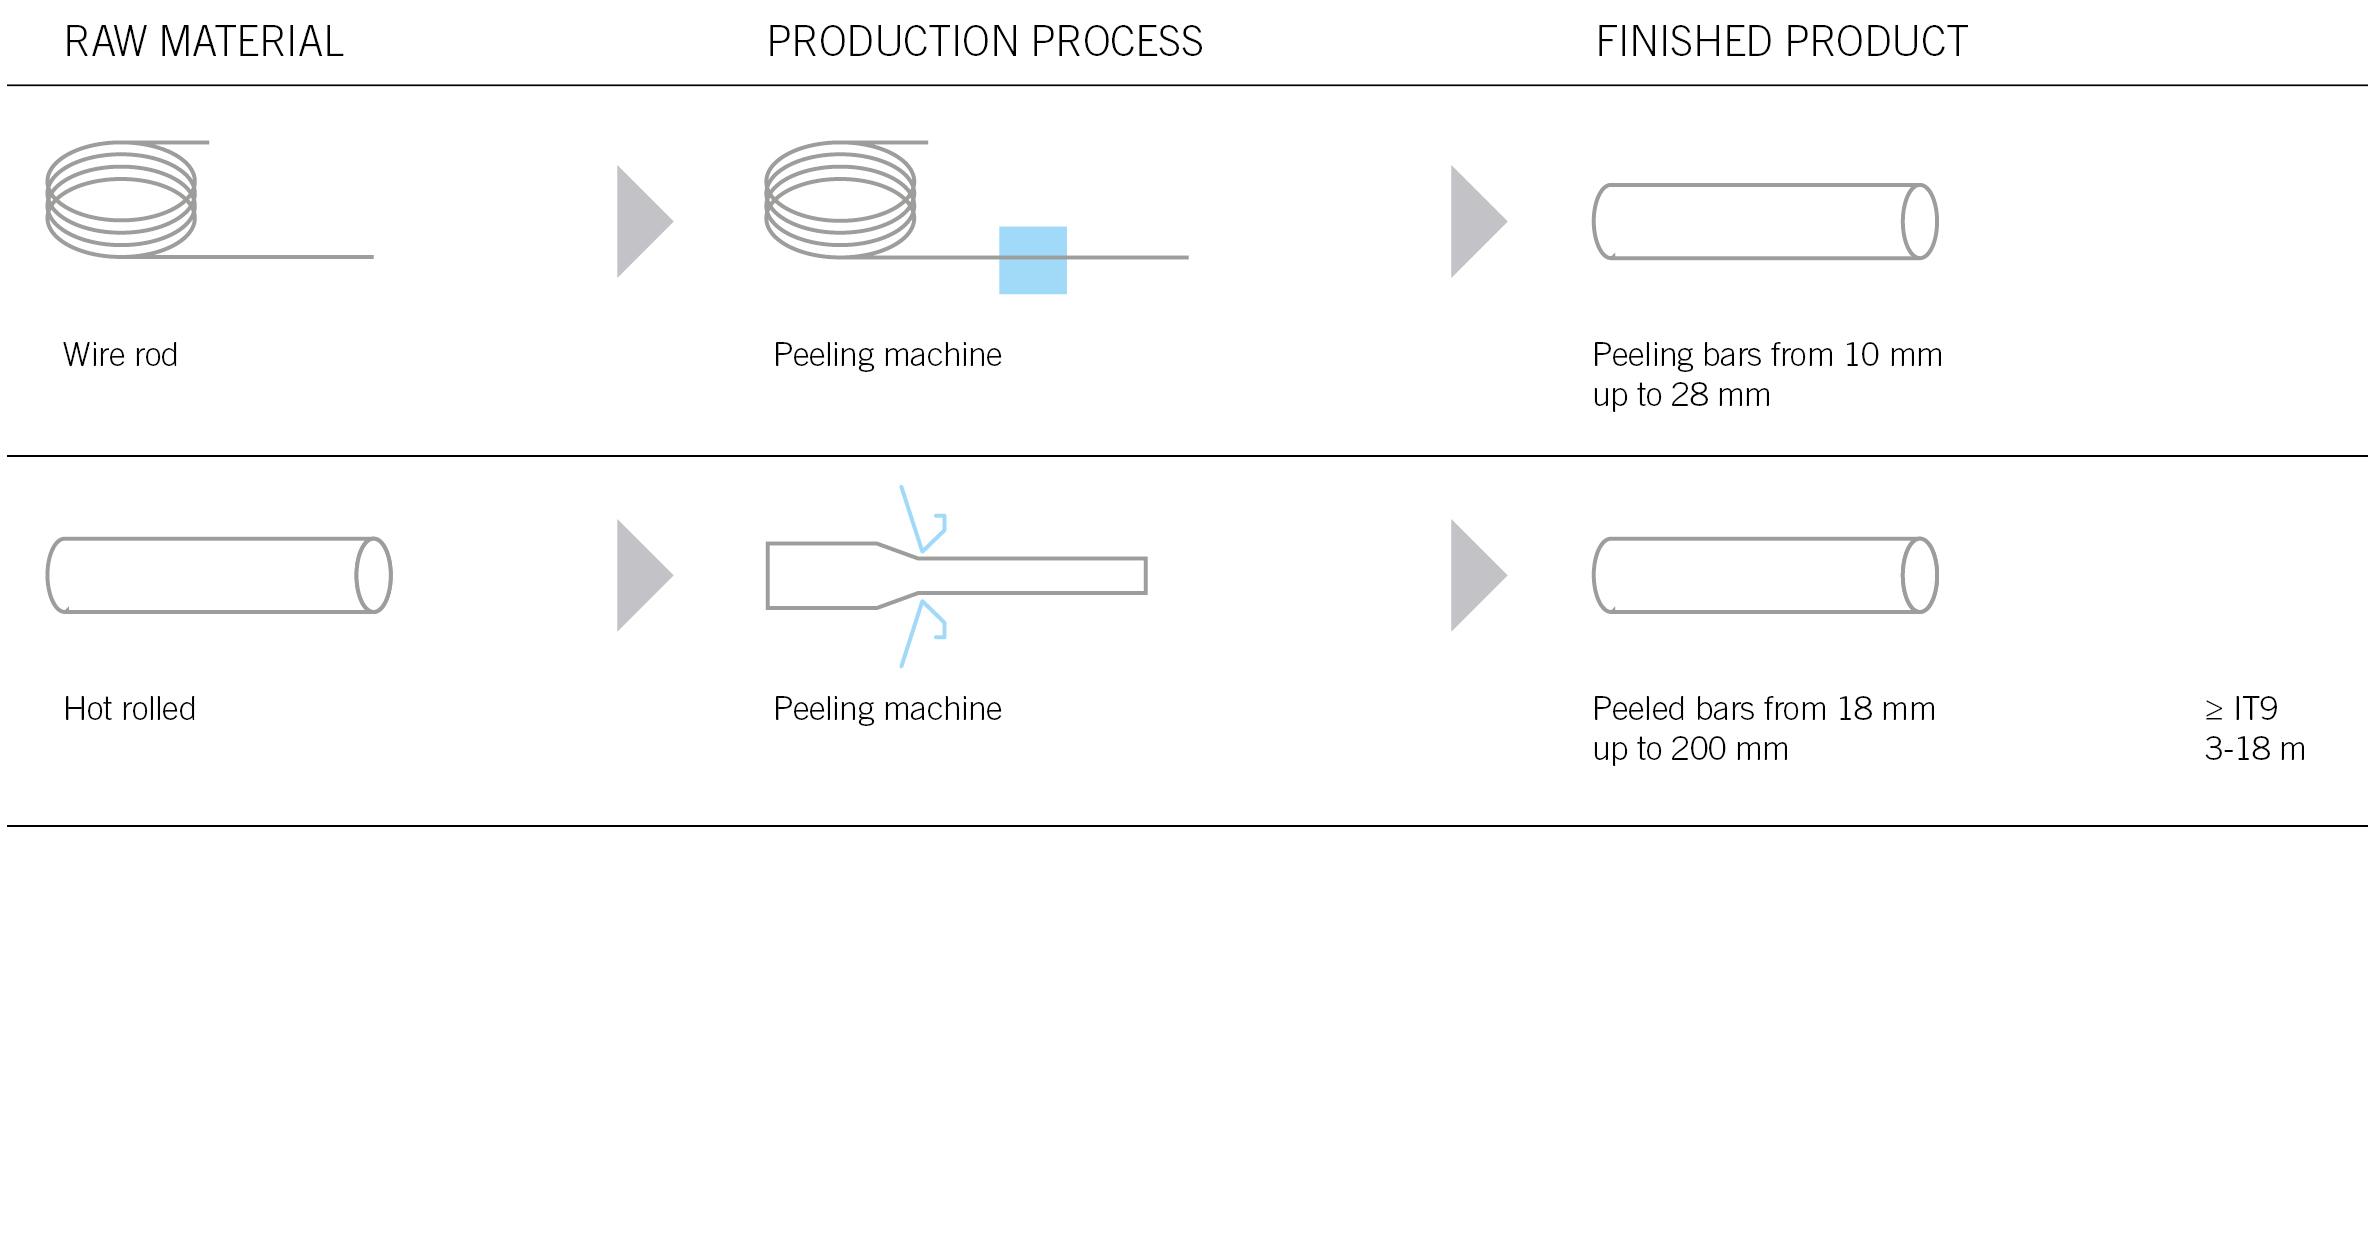 novacciai martin - tabella processo produttivo PEELING